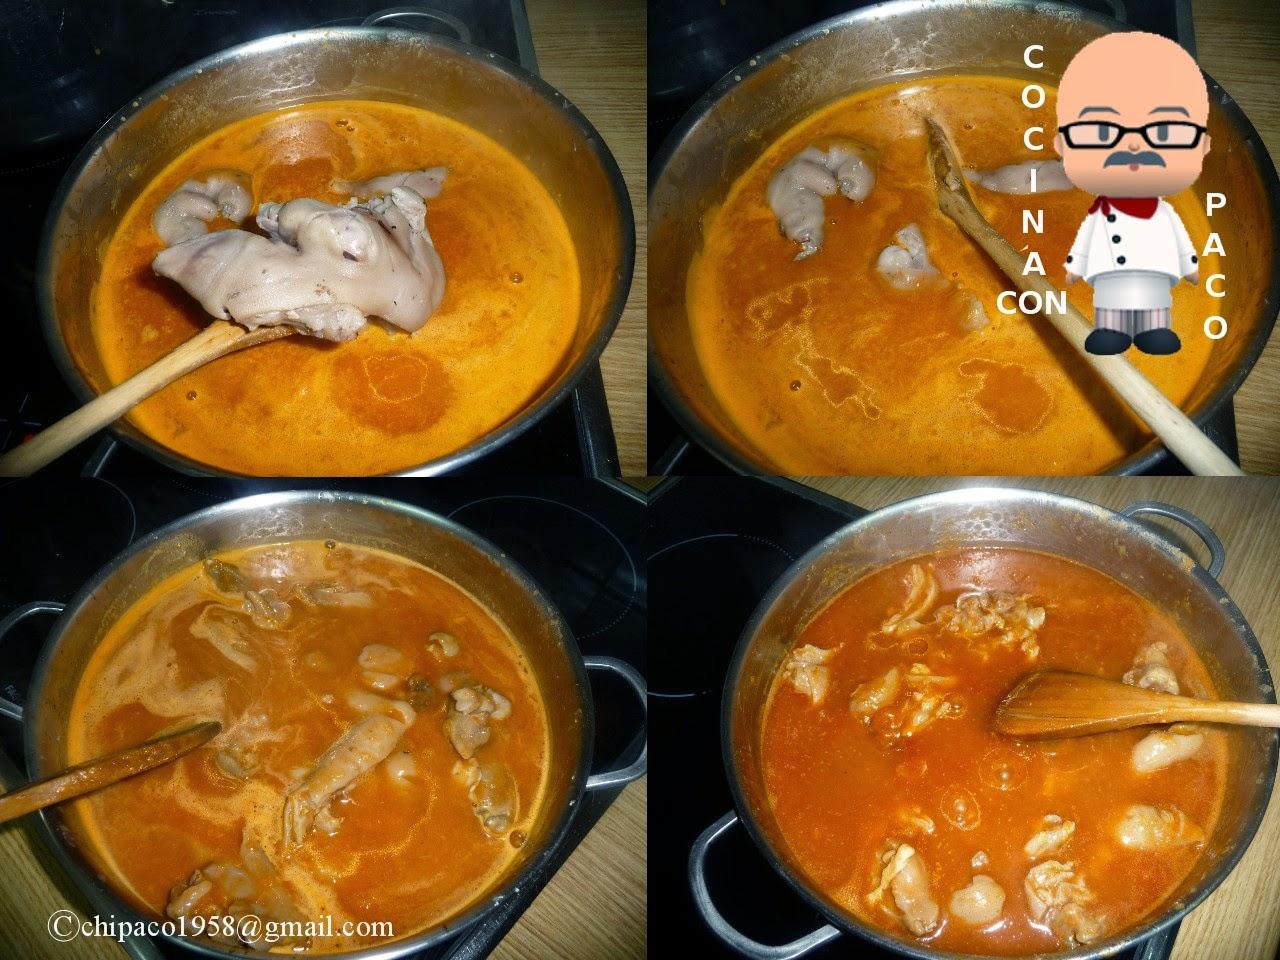 Cocina con paco manos de cerdo con salsa vizca na for Como cocinar manos de cerdo